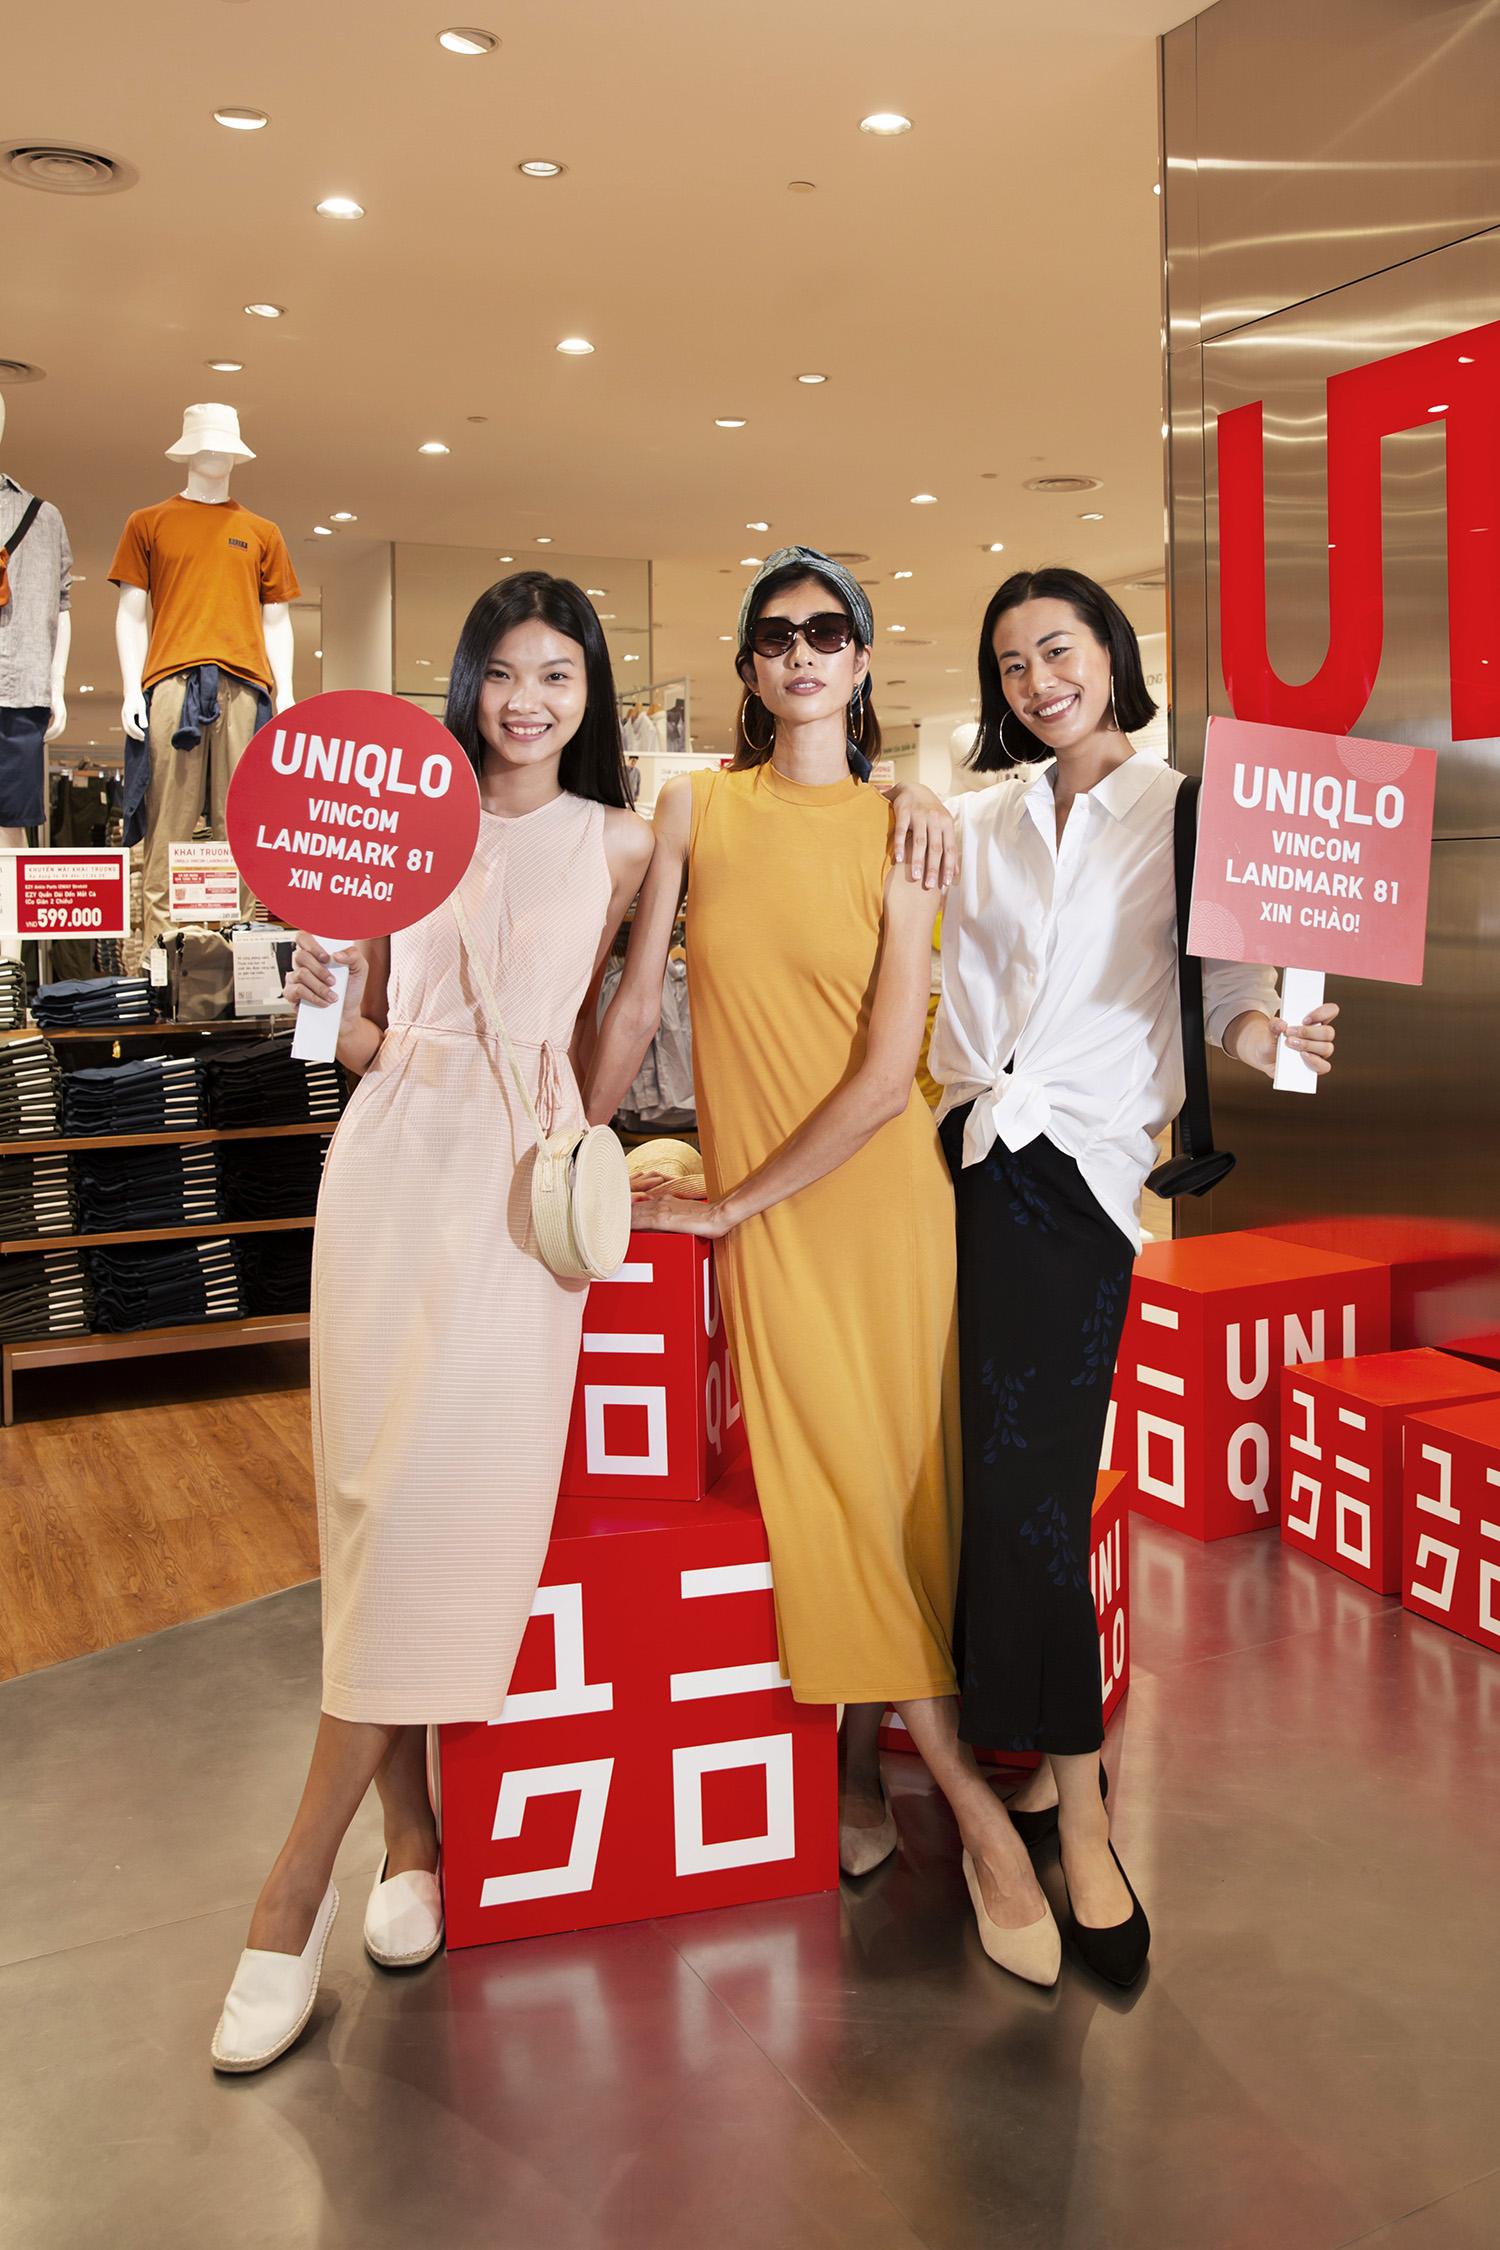 kols tại cửa hàng uniqlo vincom landmark 81